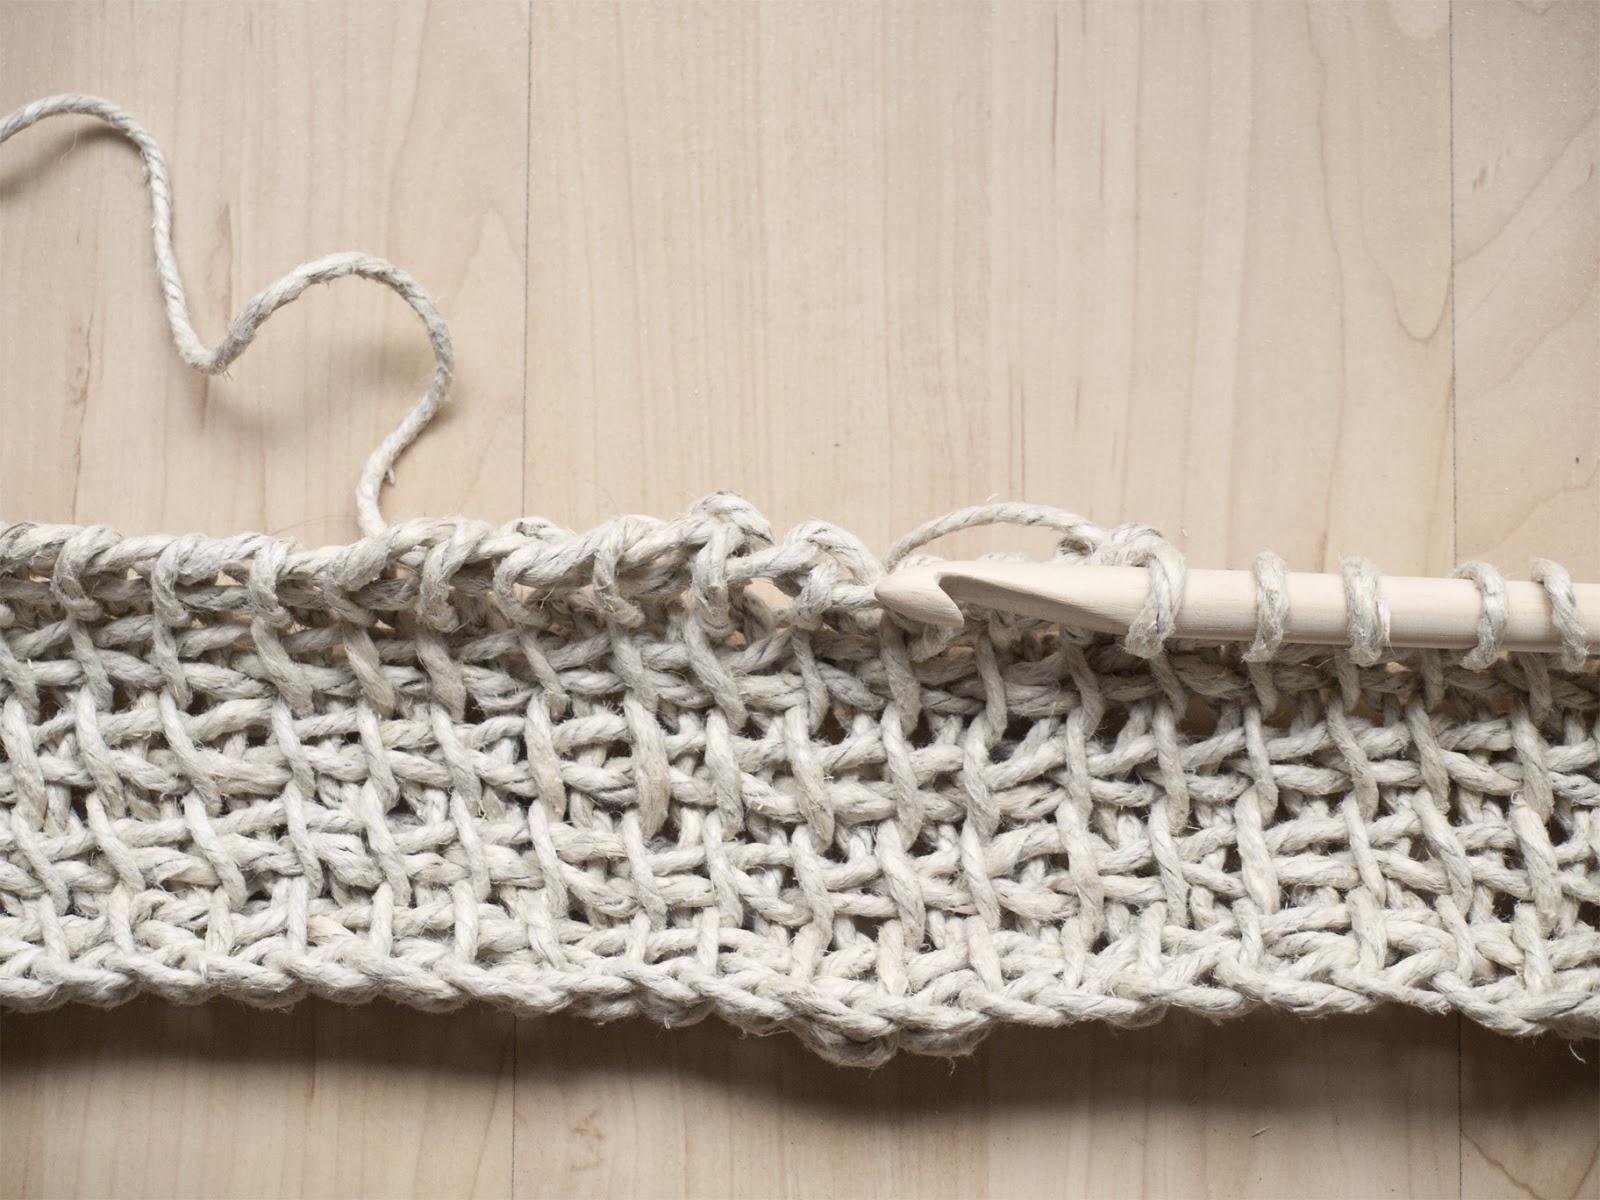 Puntobobo agujas de madera artesanales para tejer - Alfombras de canamo ...